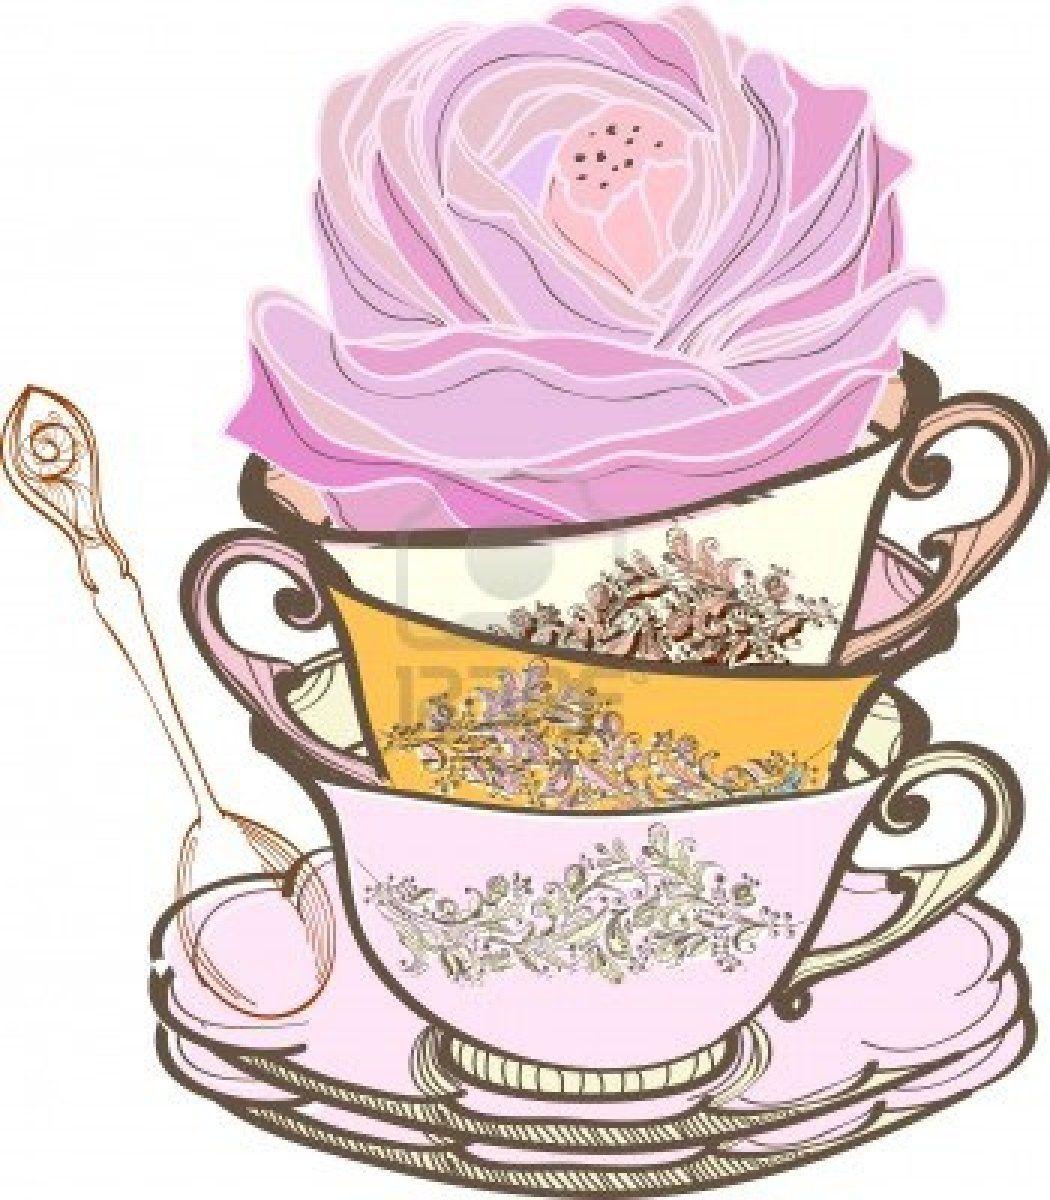 Images For > Vintage Teacup Illustration | My body ...